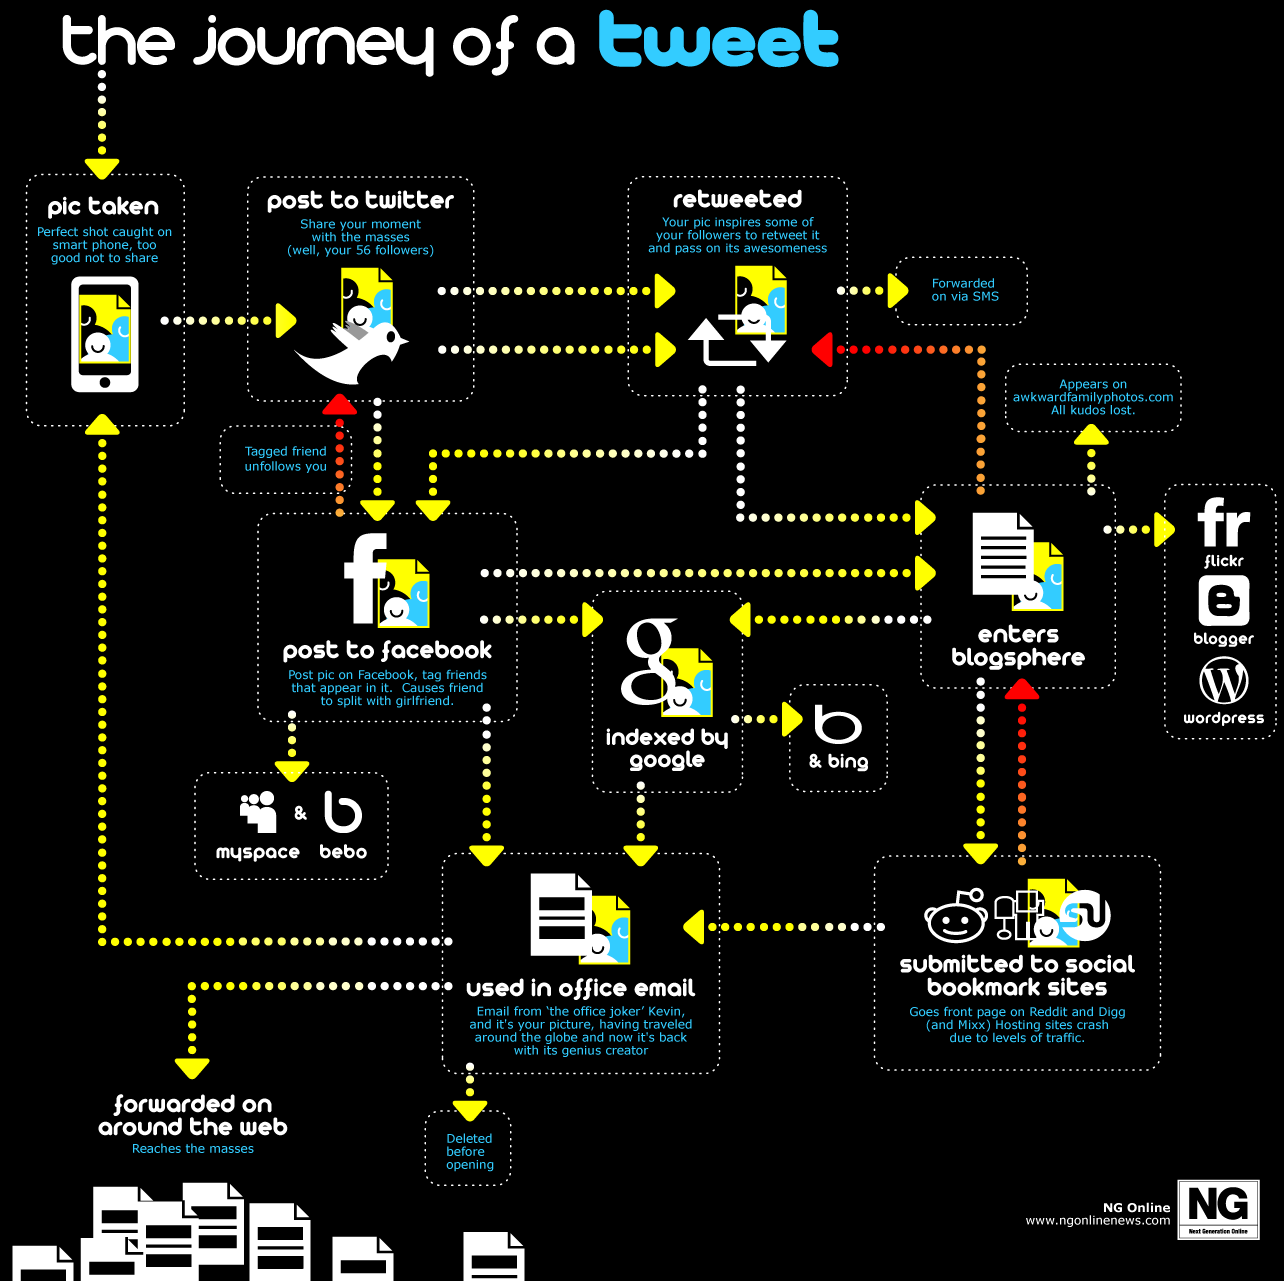 la vie d'un tweet